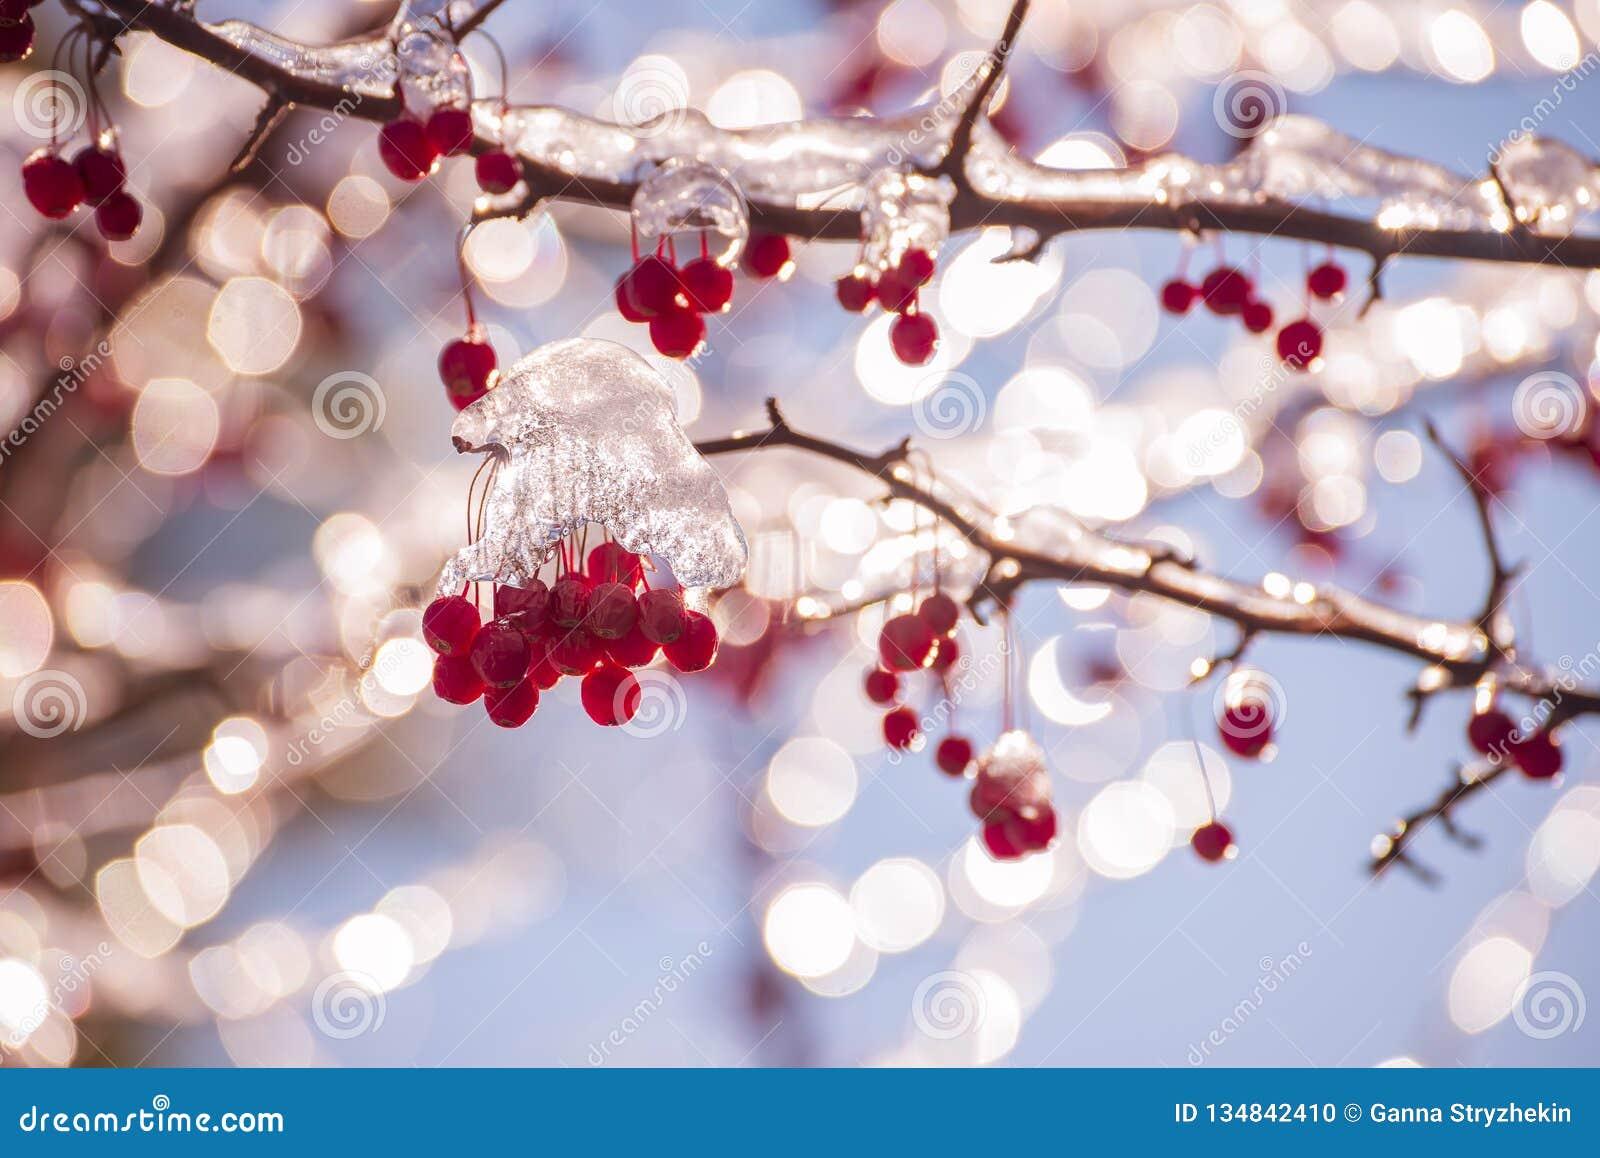 Bacche rosse nel ghiaccio e nel bokeh festivo scintillante